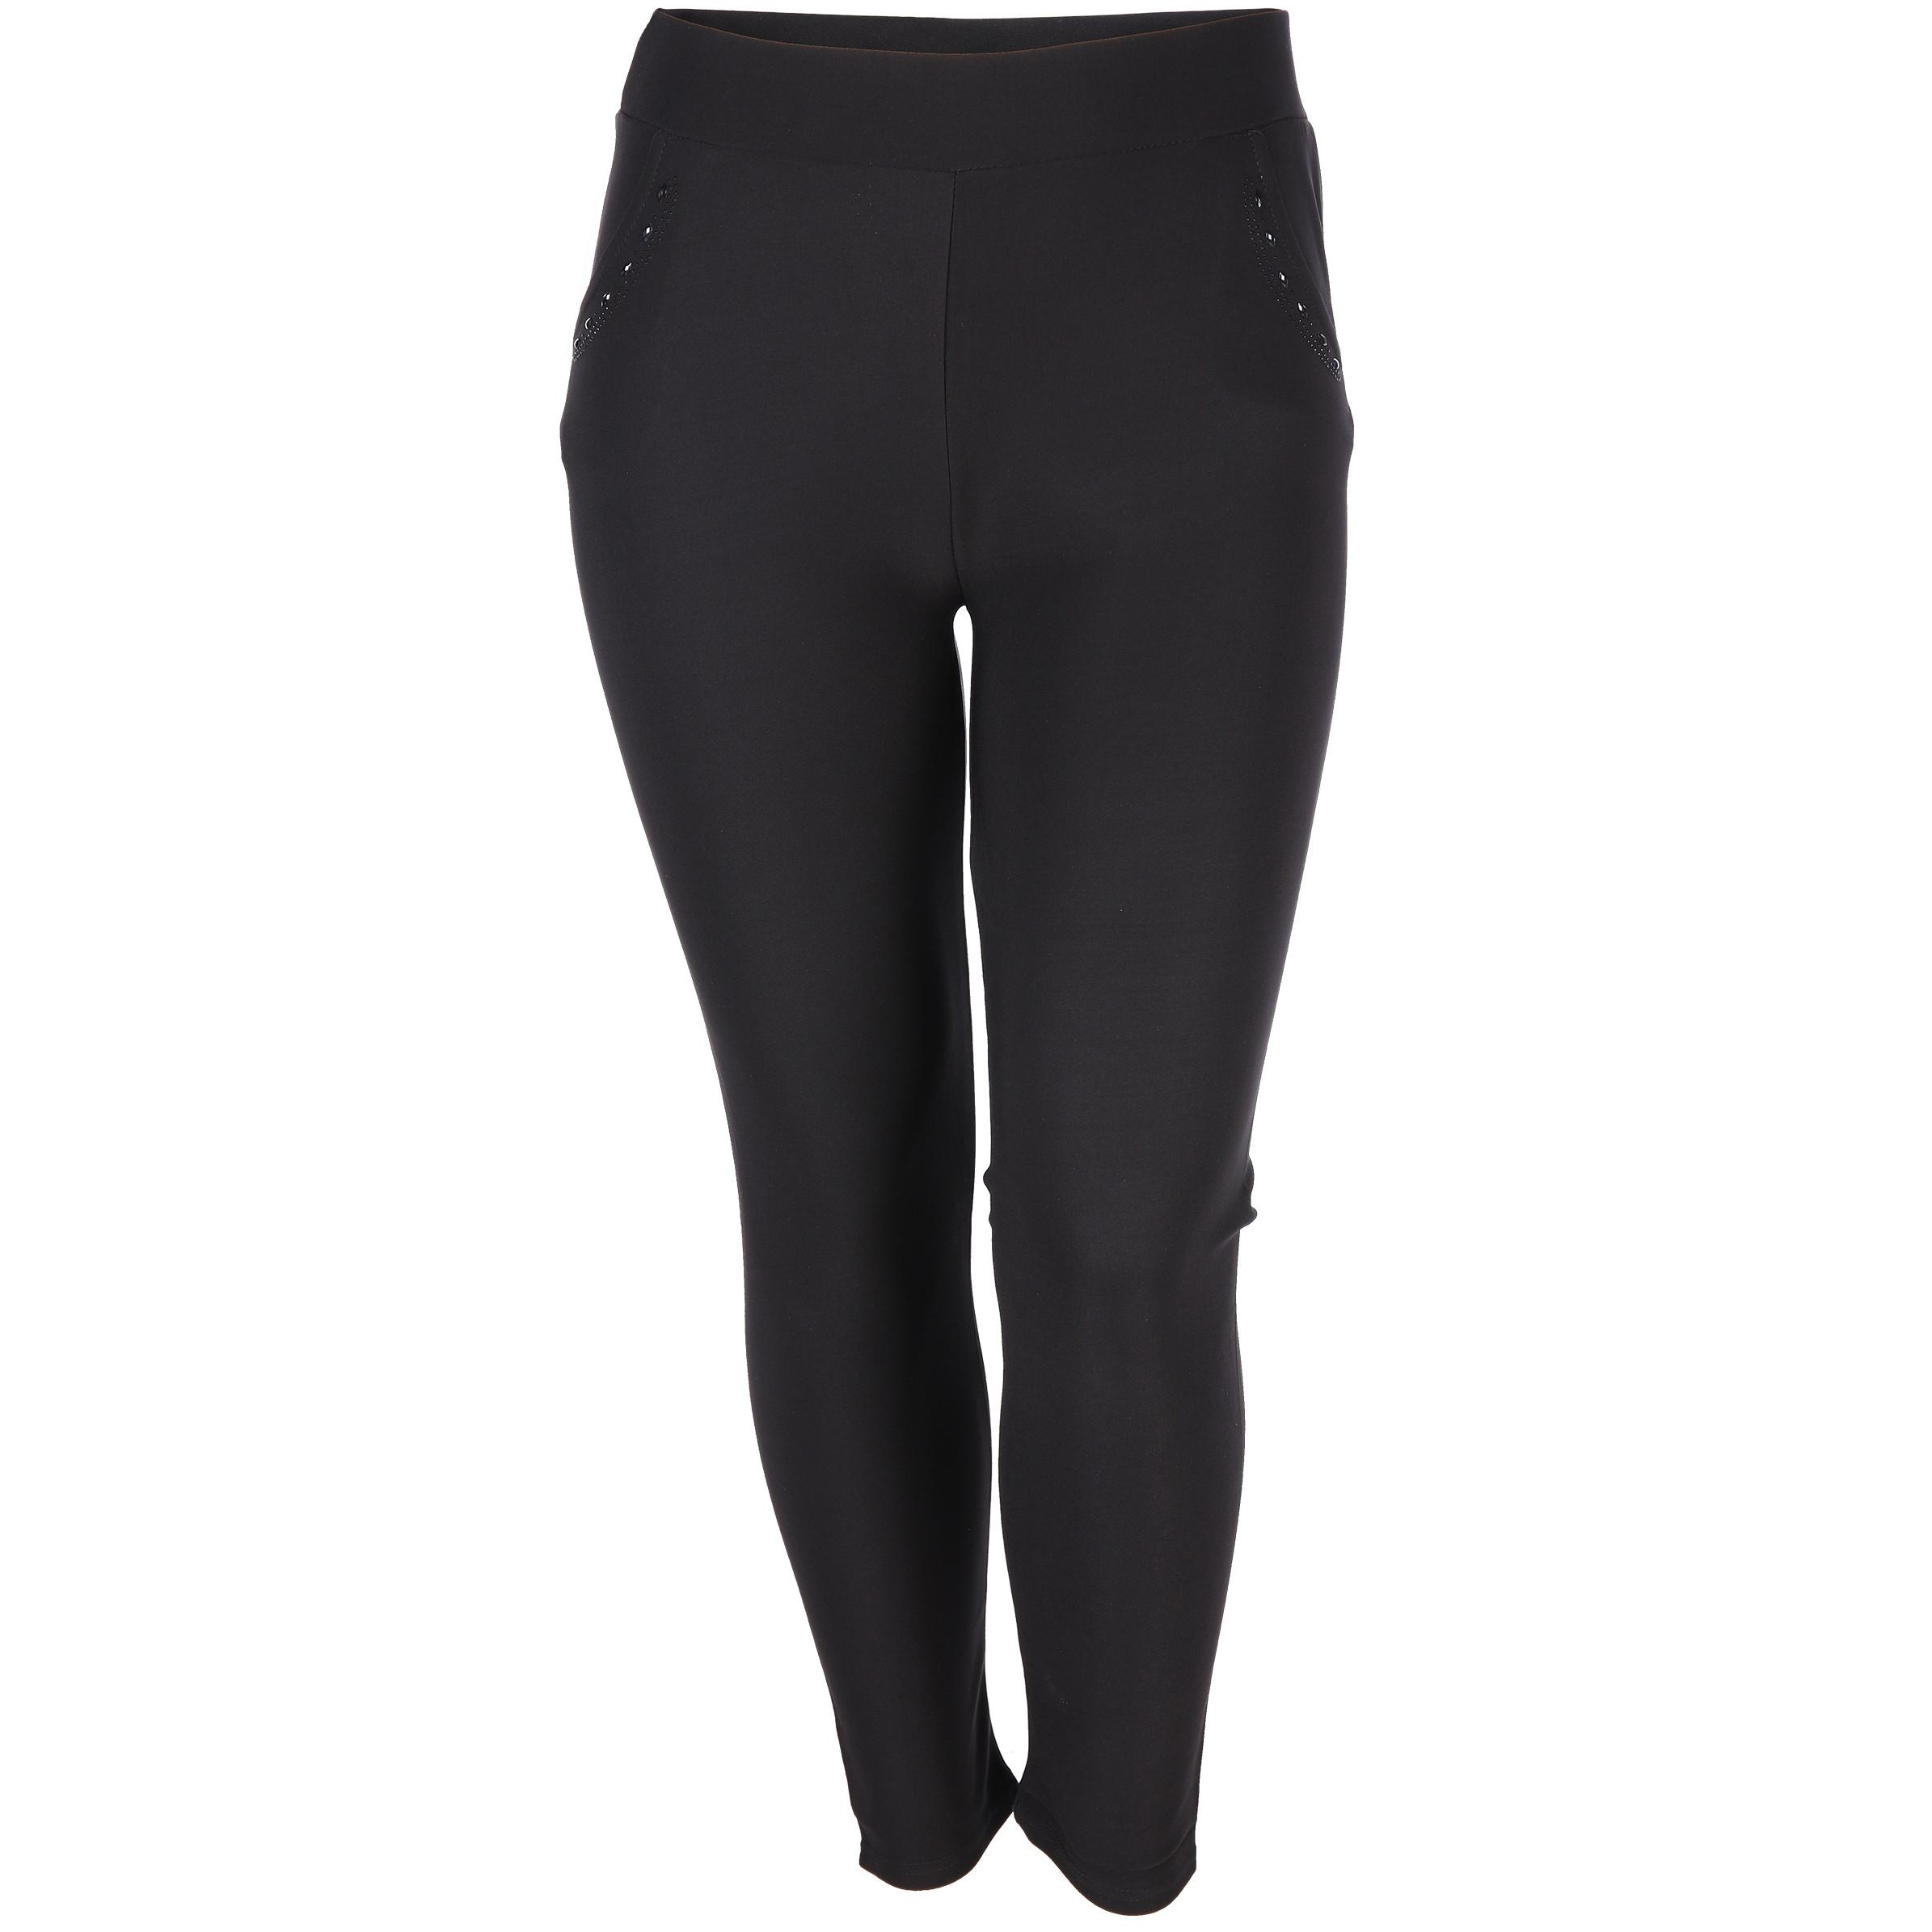 Mode Leggings DamenAwg Mode Für HosenJeansShortsamp; Leggings Für DamenAwg HosenJeansShortsamp; m8nONv0w